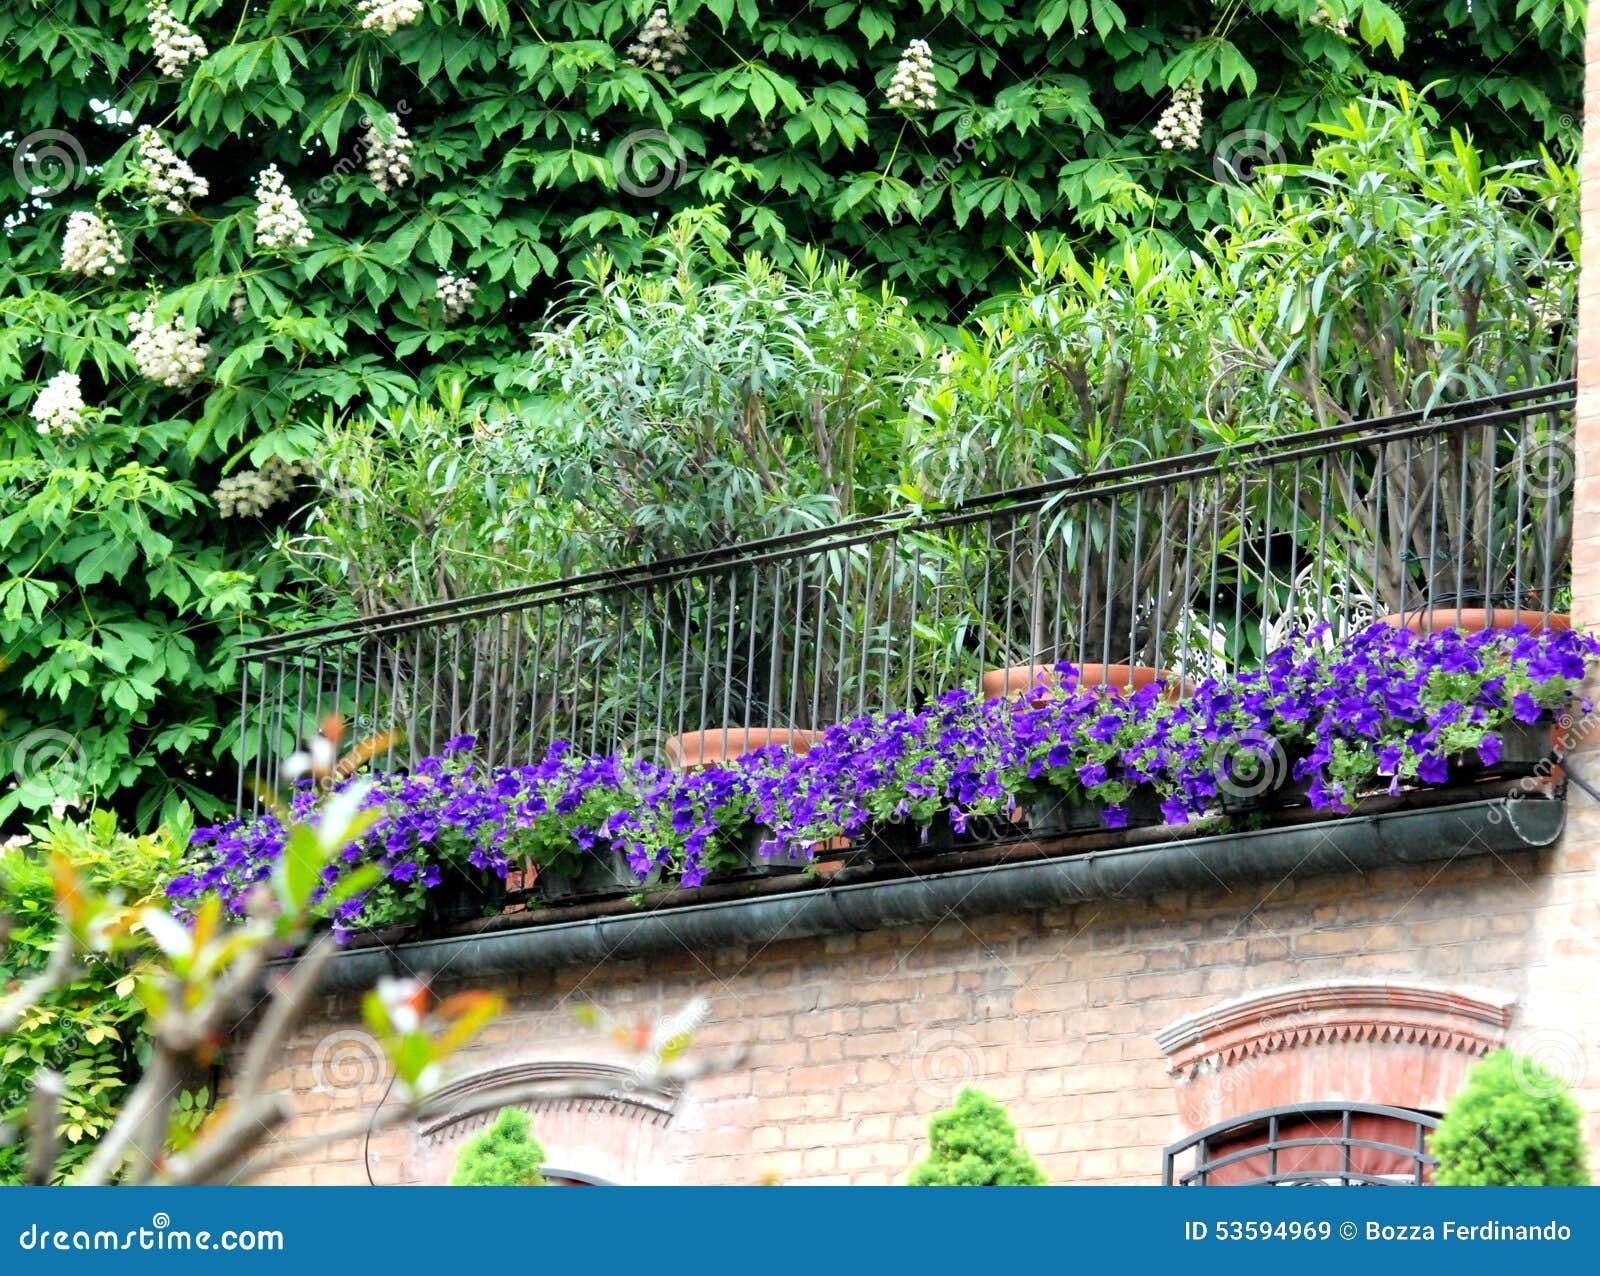 Fiori e pianta di una casa immagine stock immagine di for Pianta di una casa